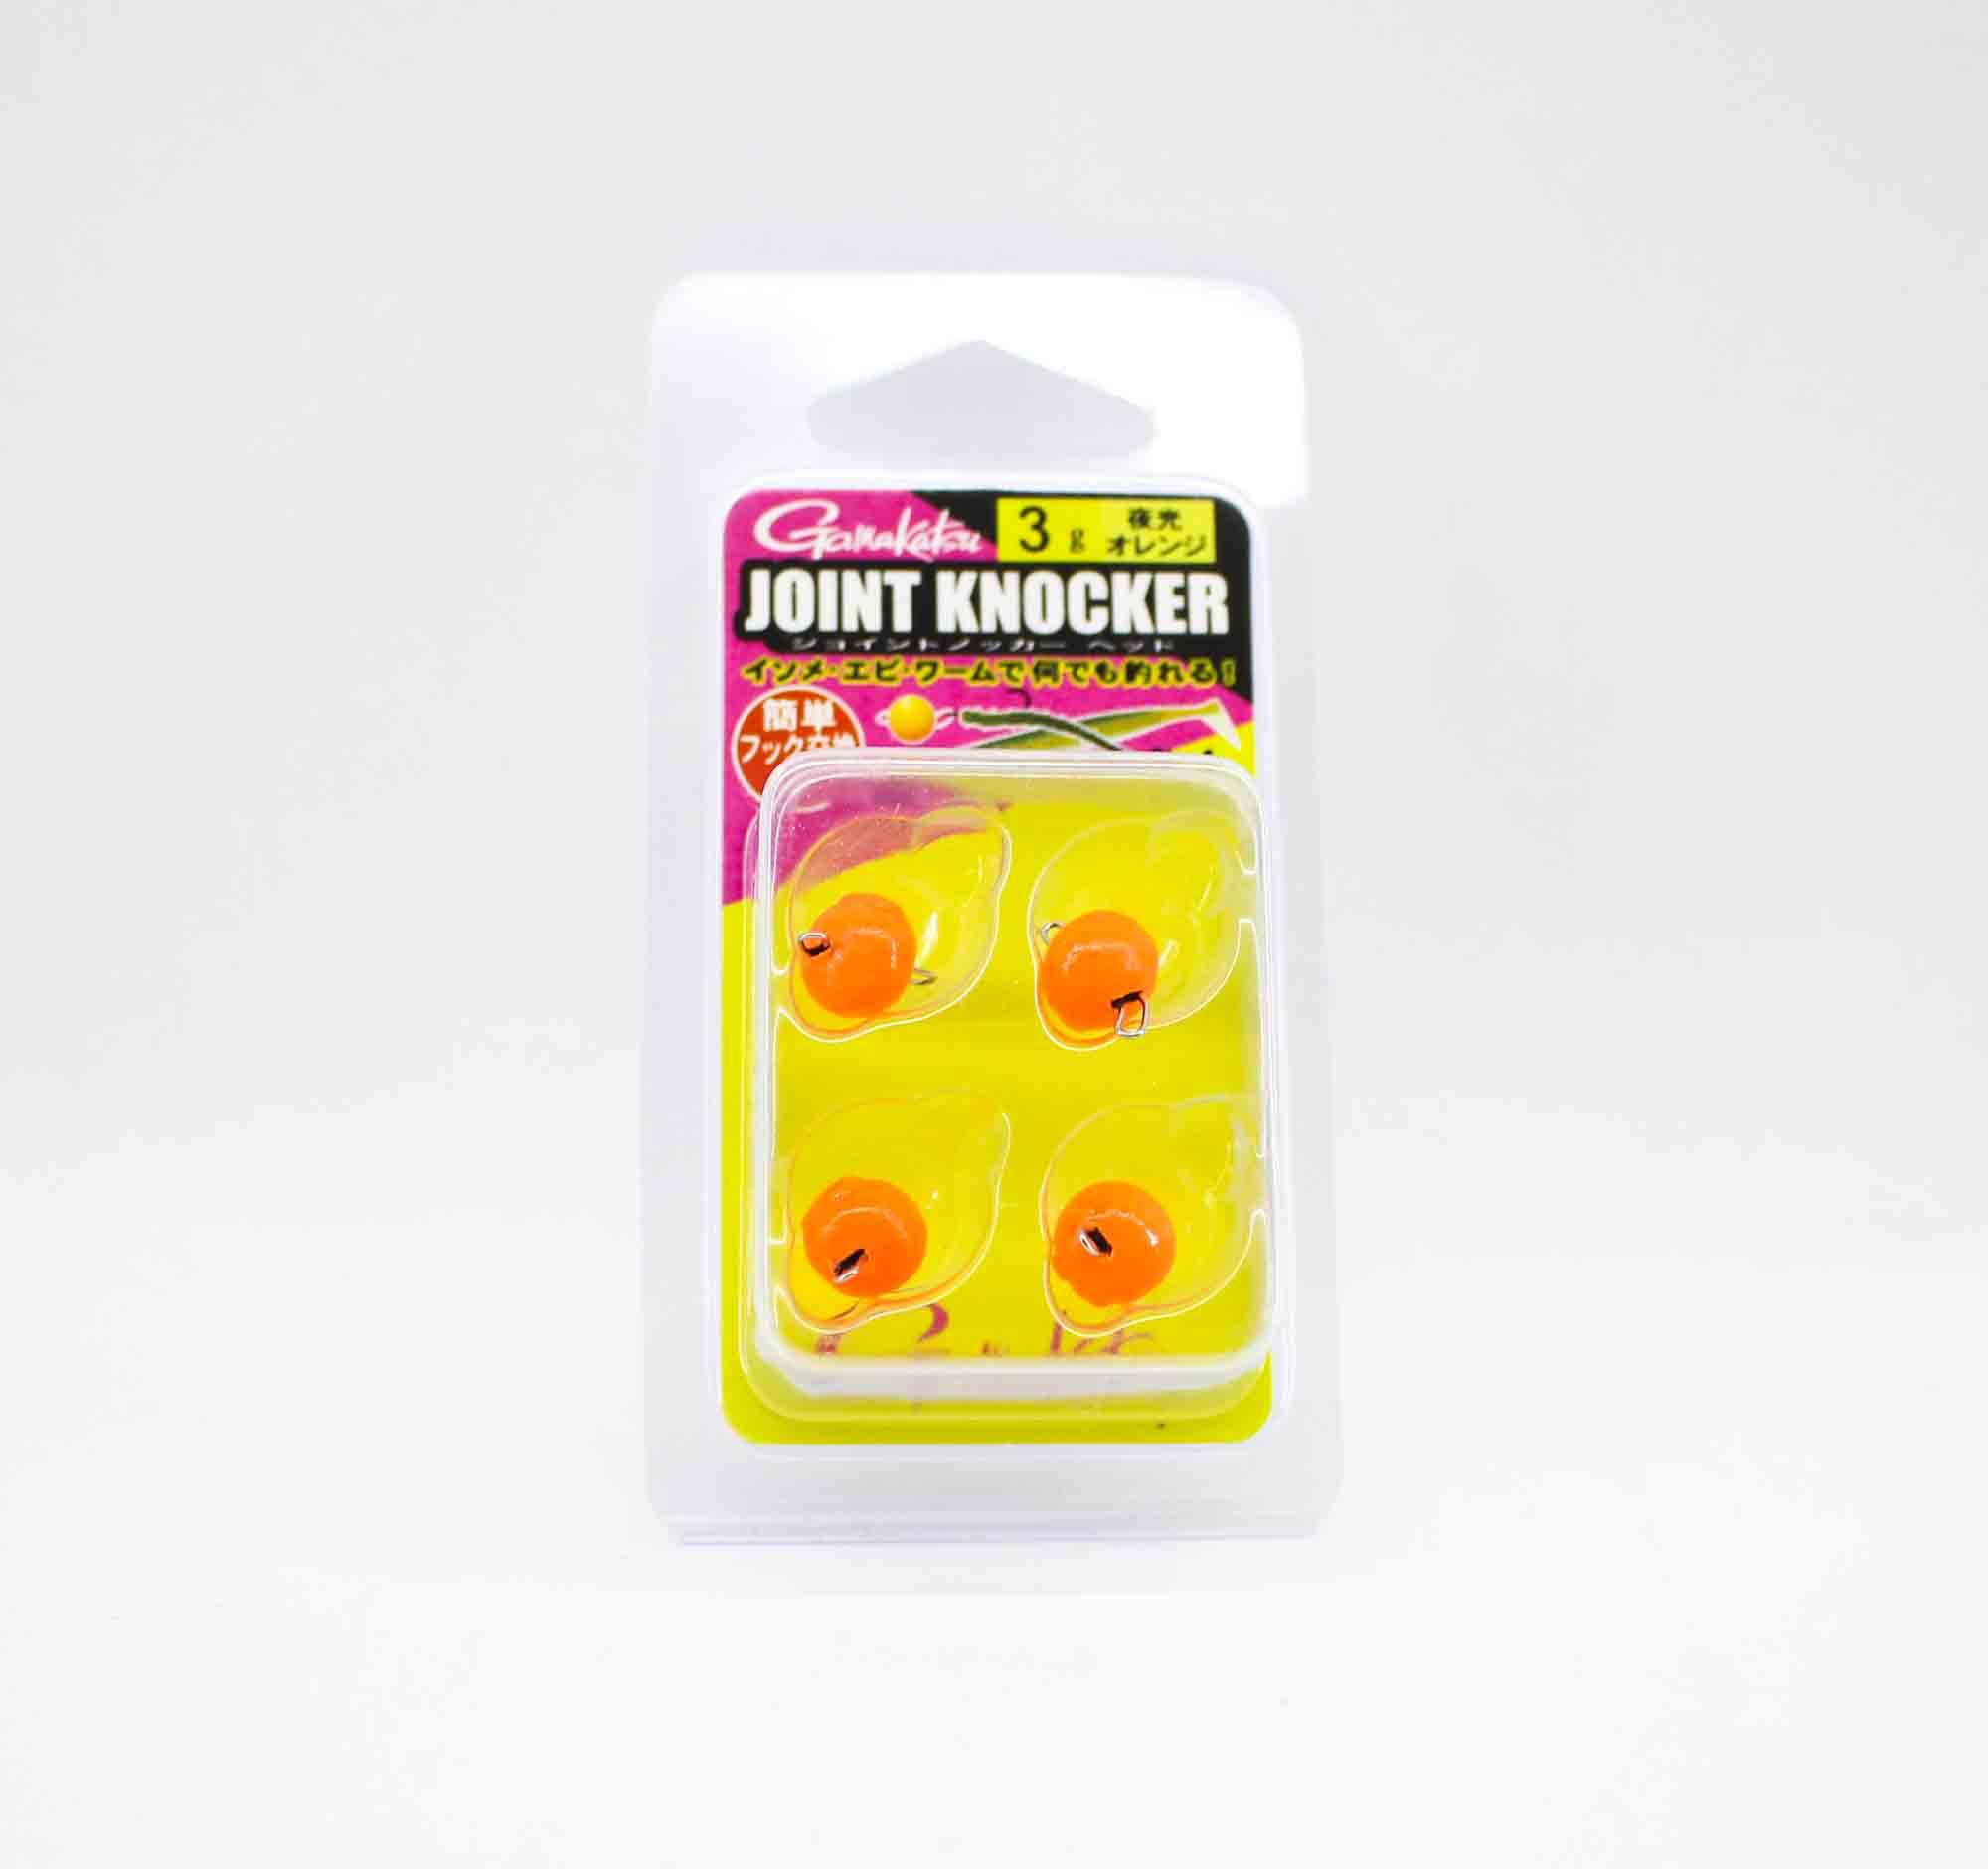 Gamakatsu 19256 Joint Knocker Jig Head 3 grams , 4 per pack (2614)